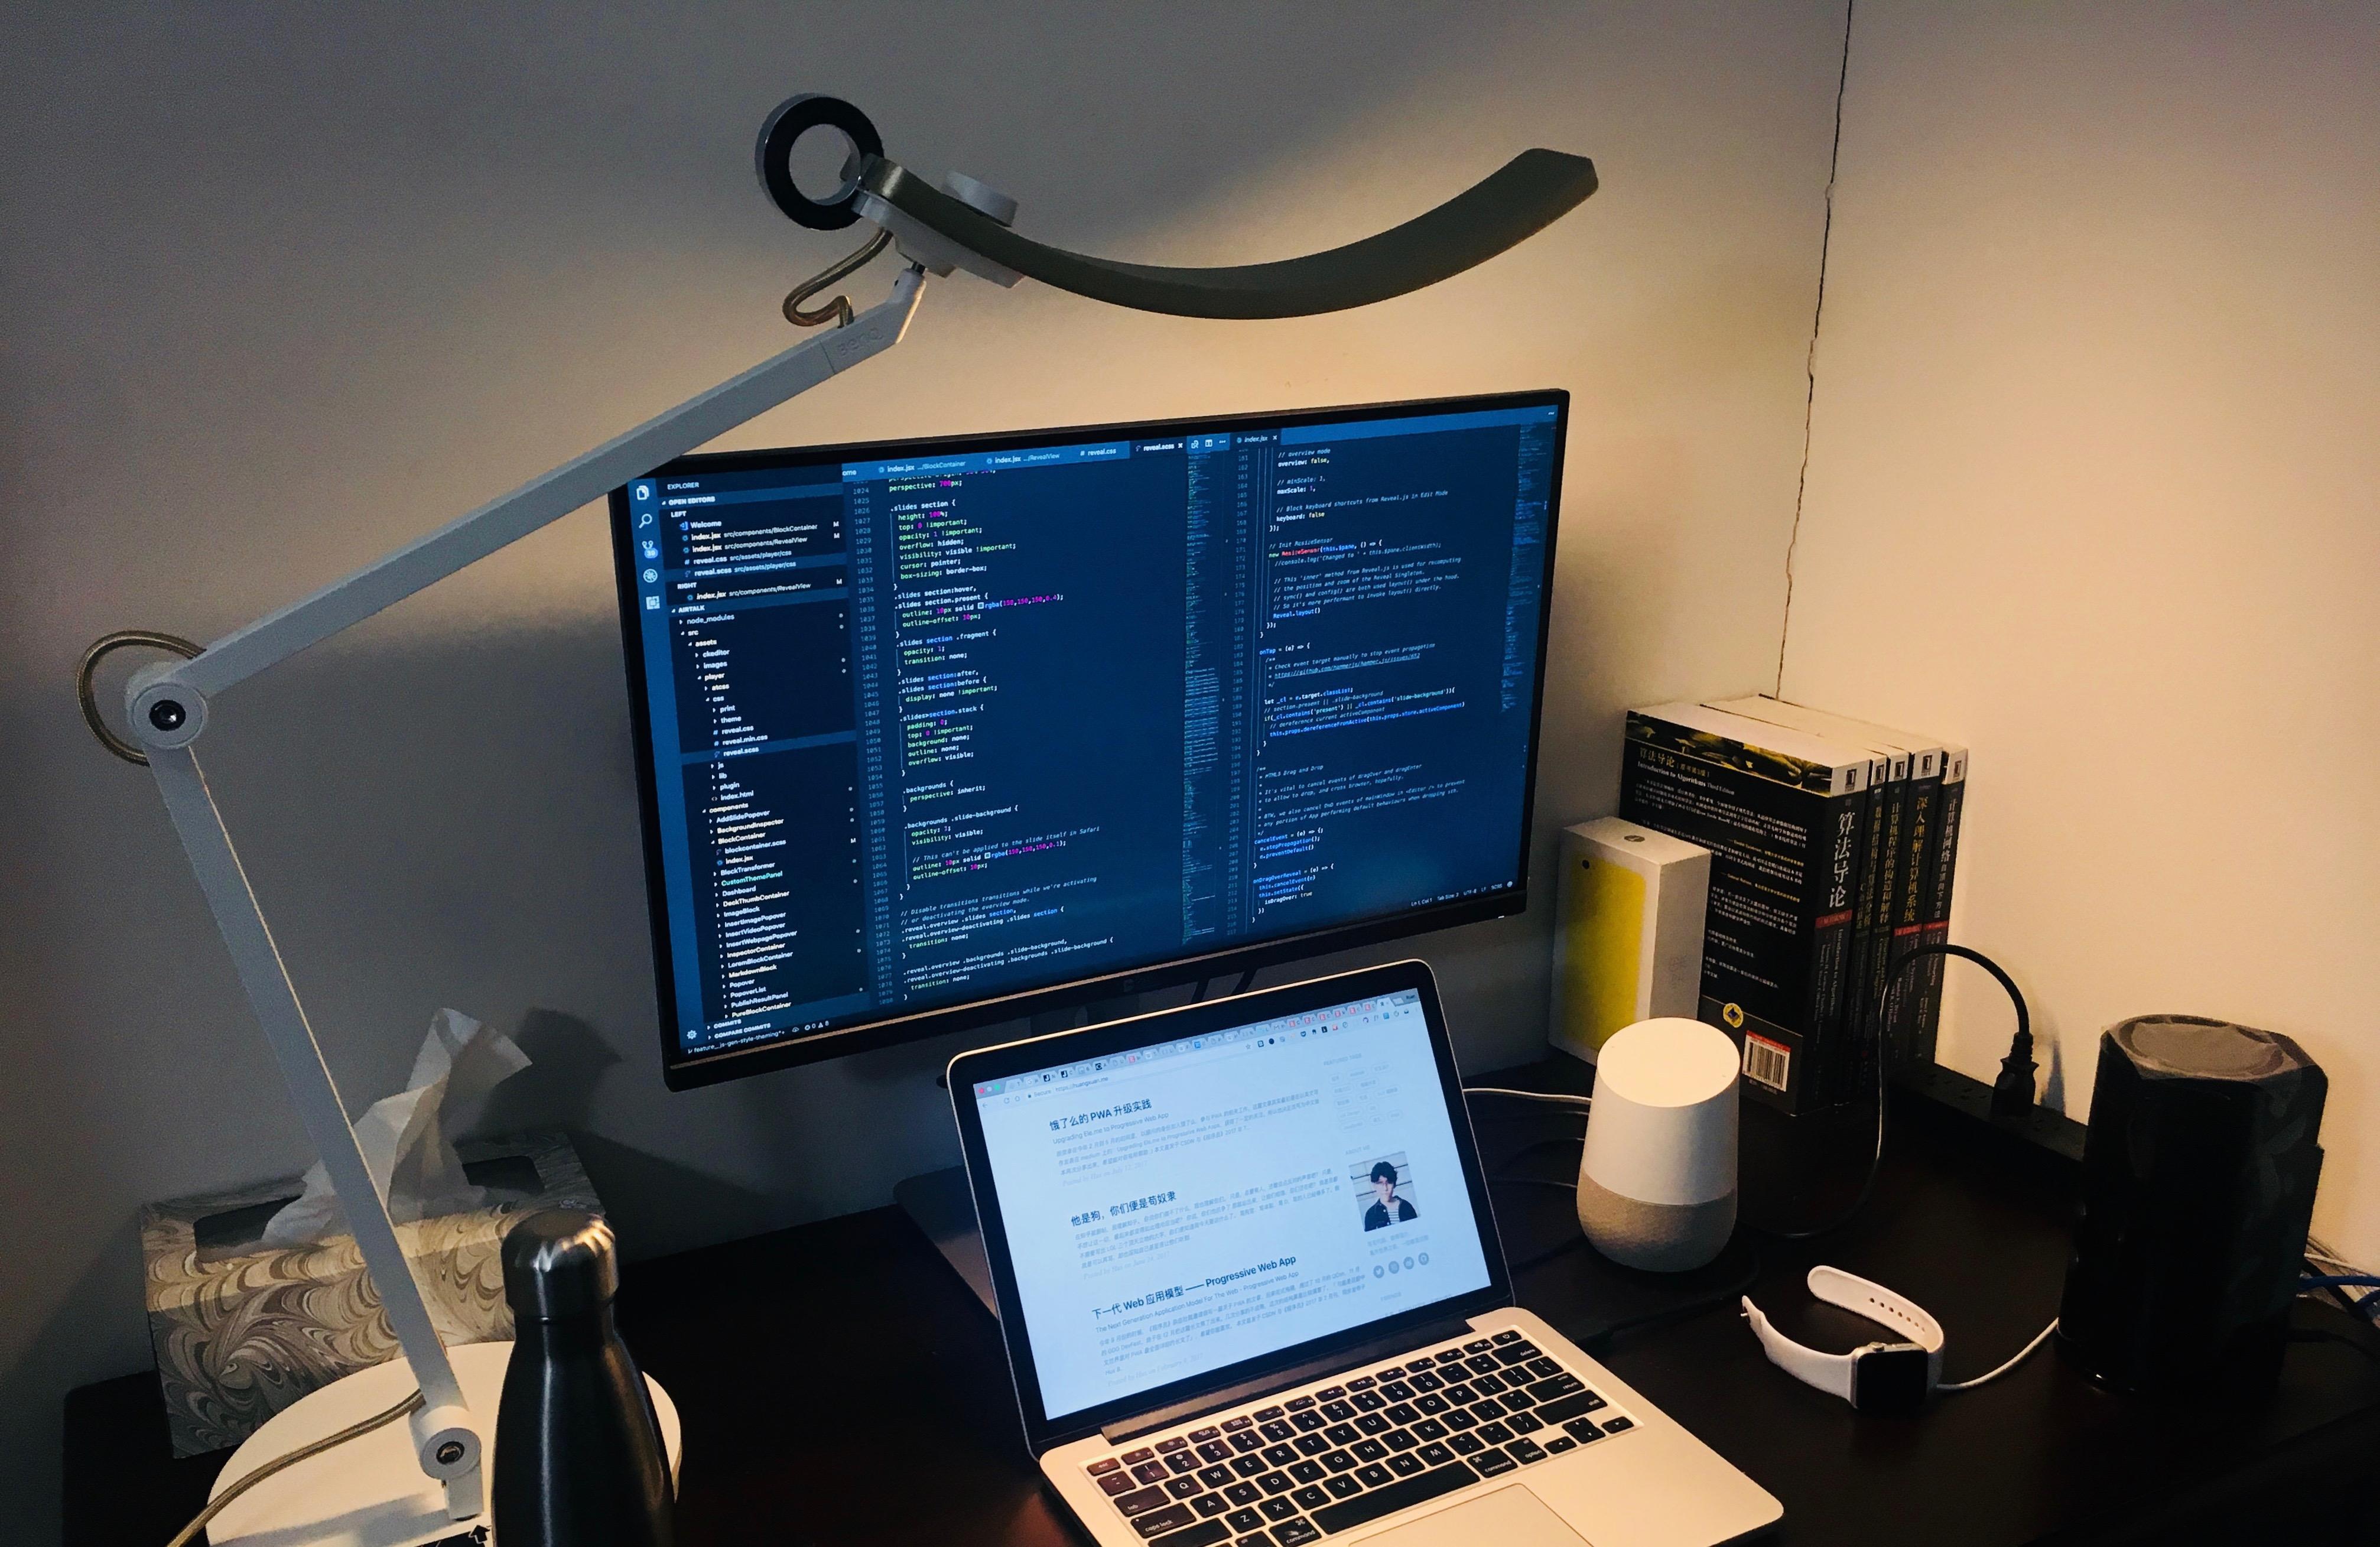 程序员_聊聊程序员应该追求的灯光环境 - 知乎